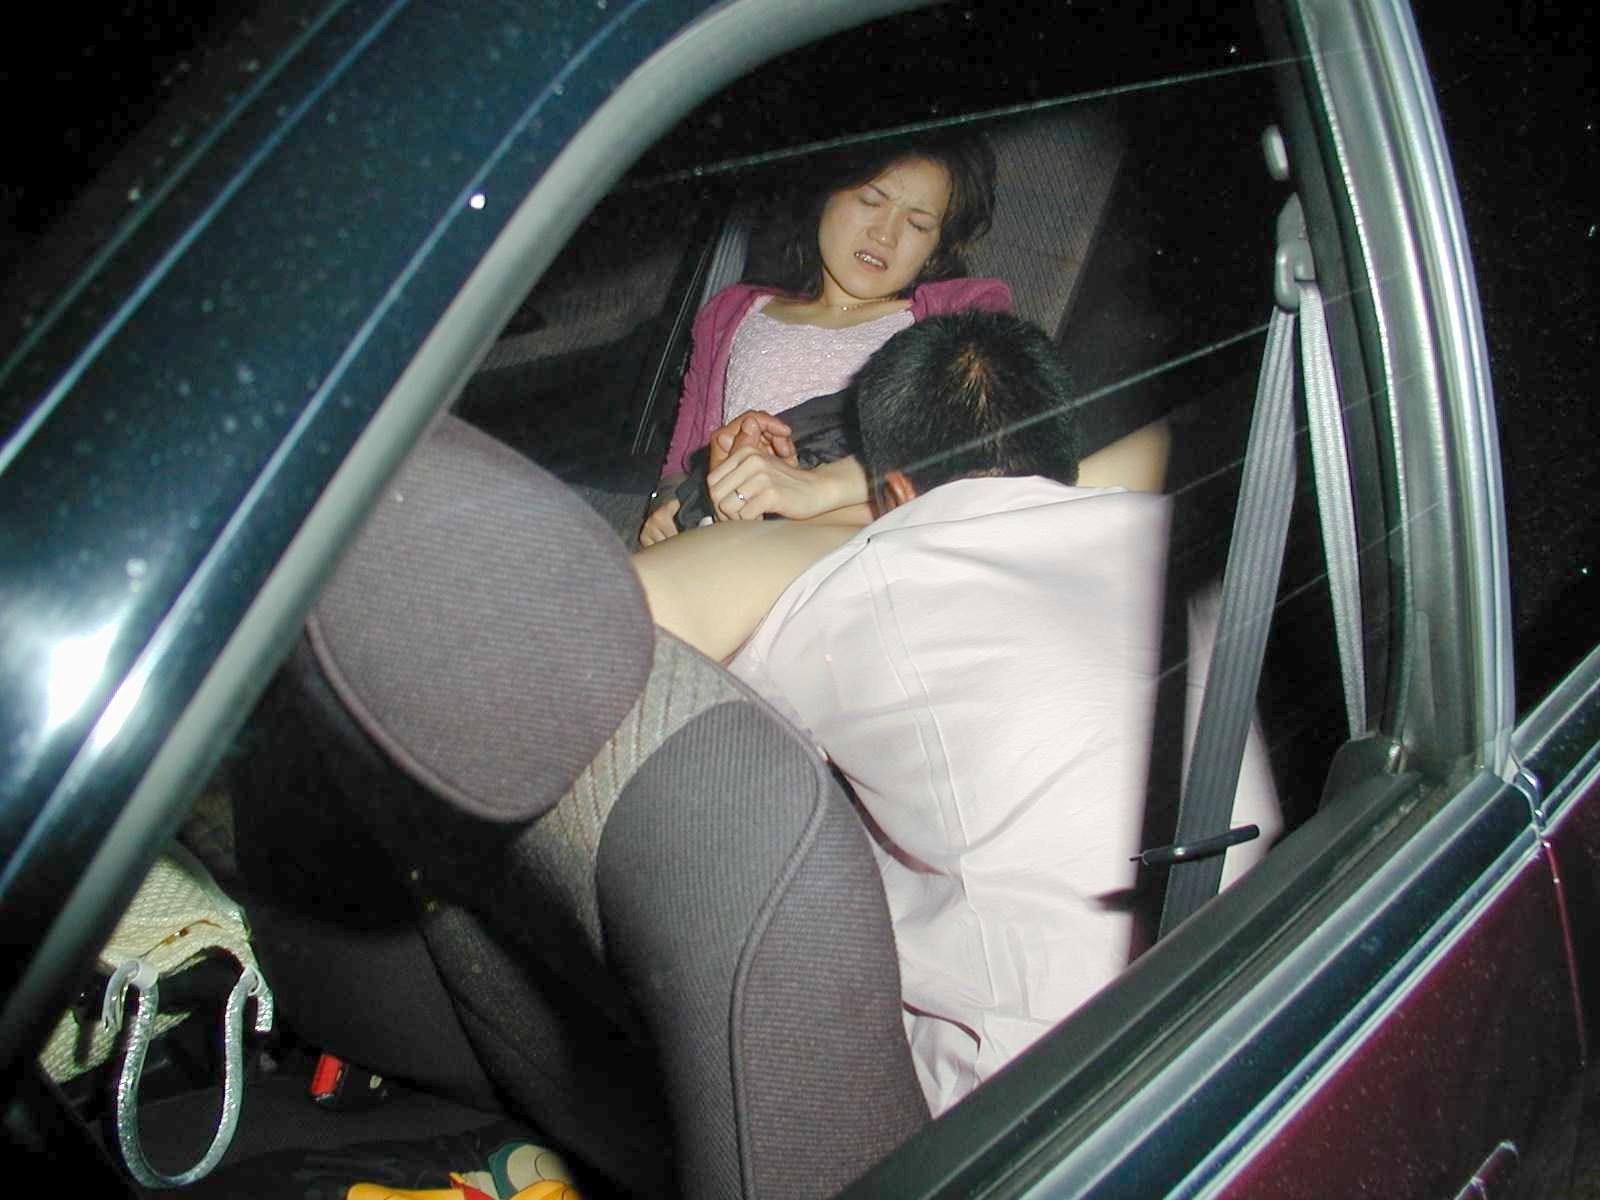 カーセックスを盗撮され慌てる不倫人妻エロ画像15枚目